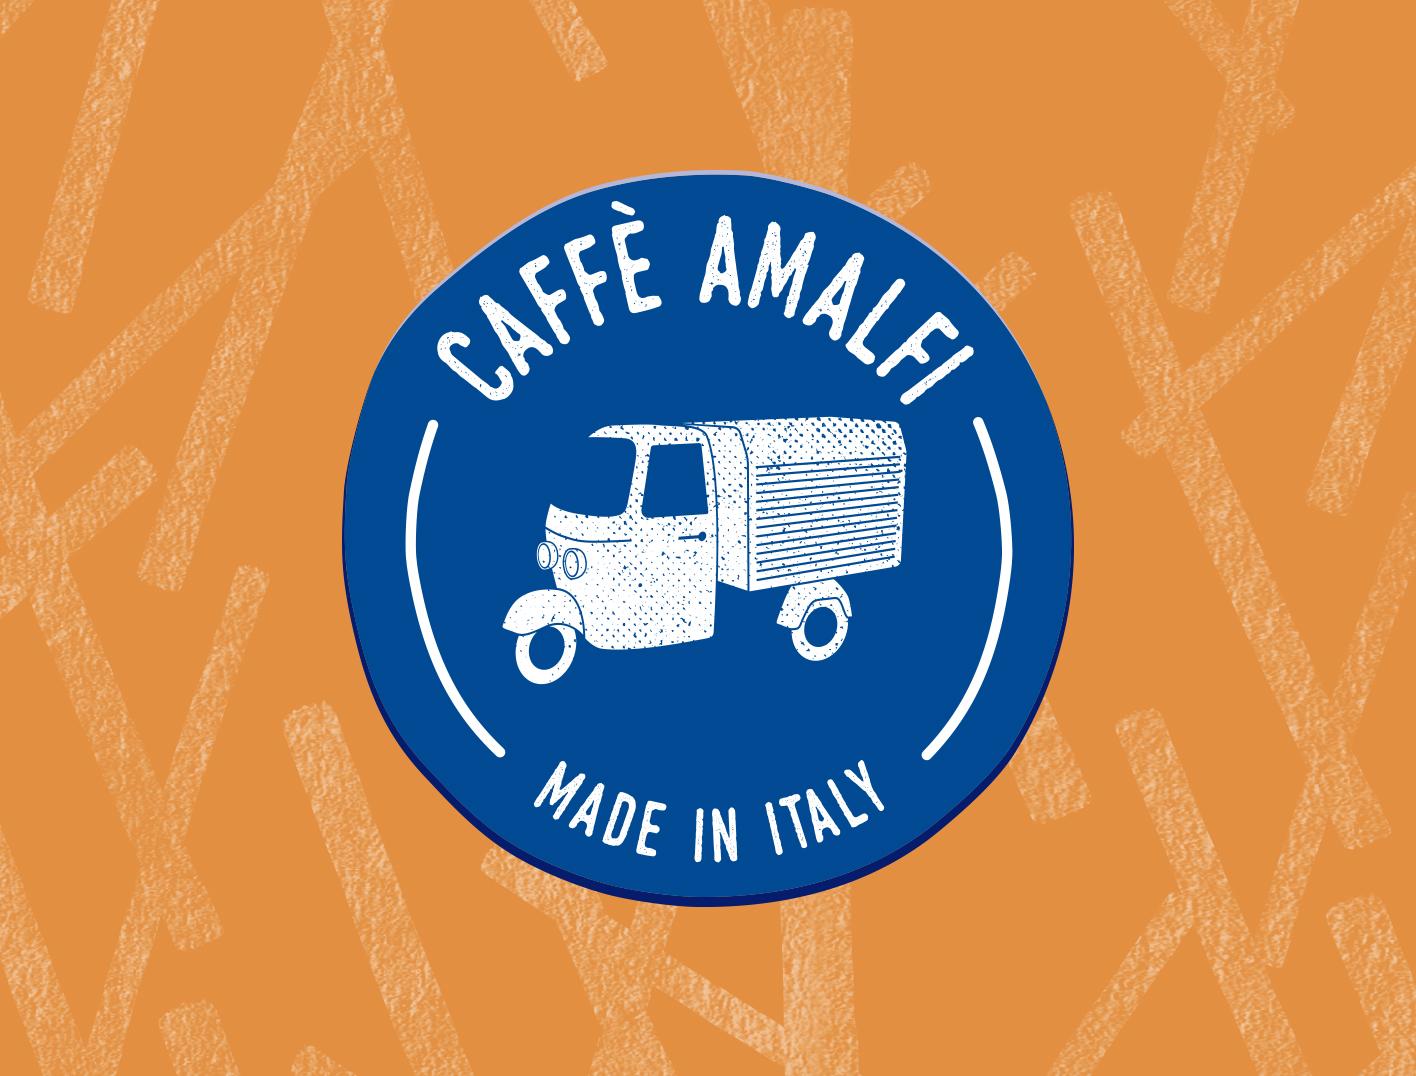 Caffe_Amalfi_Logo.jpg